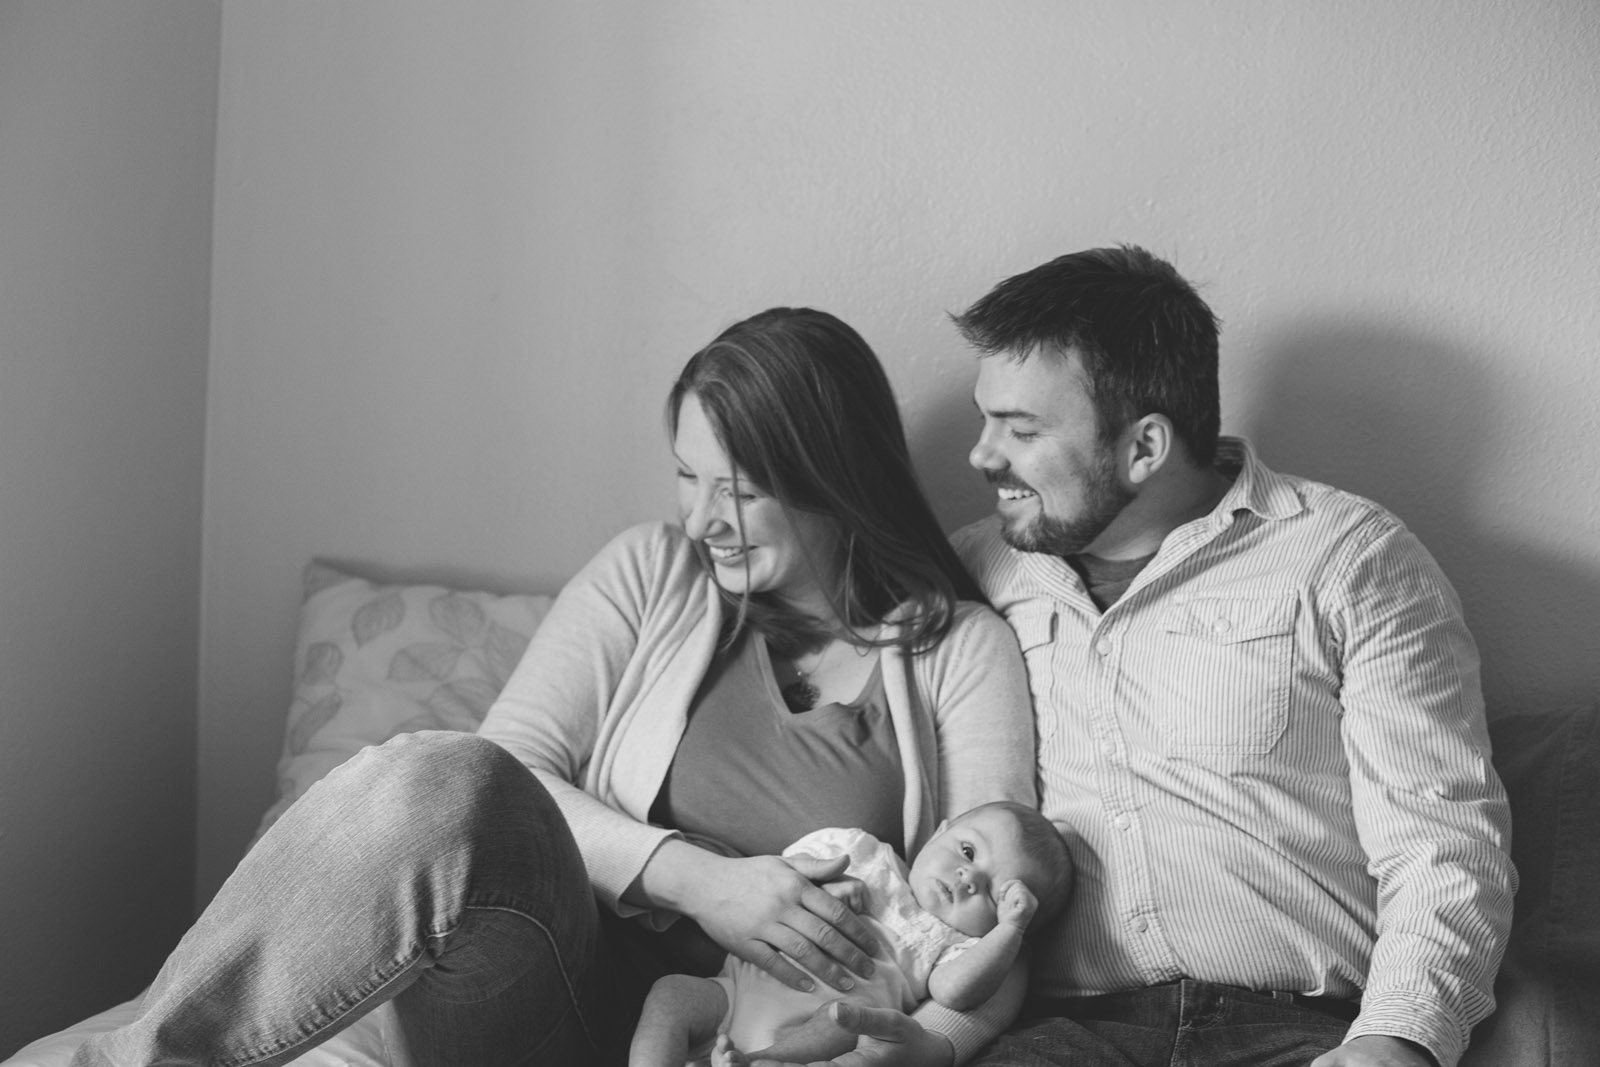 083-newborn-baby-fatherhood-motherhood-birds-wood-floor-playing-new-mexico-farmington